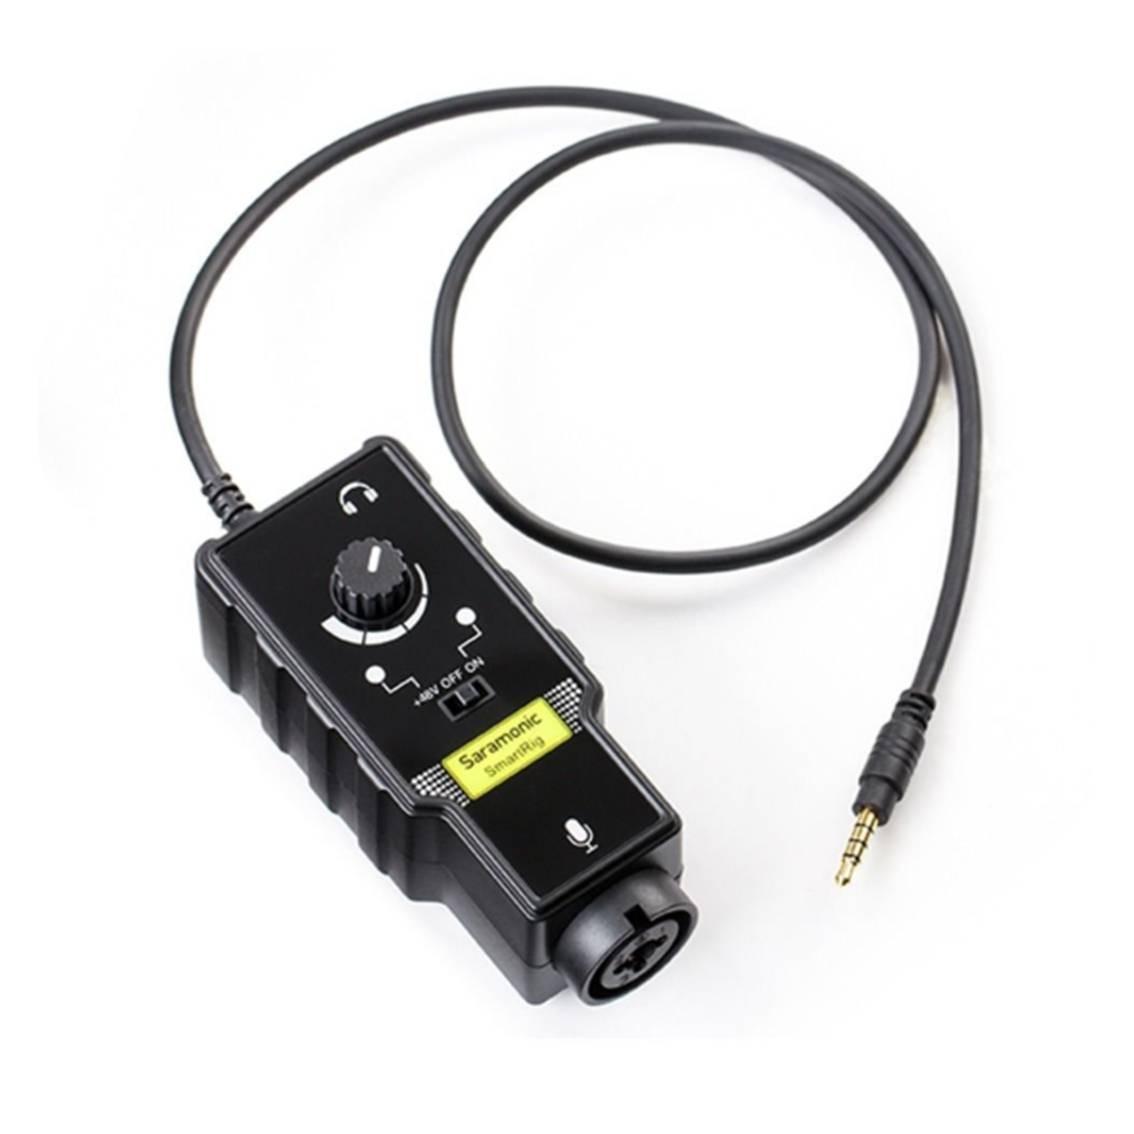 Imagem do produto Mixer de Áudio para Smartfone Saramonic SmartRig II